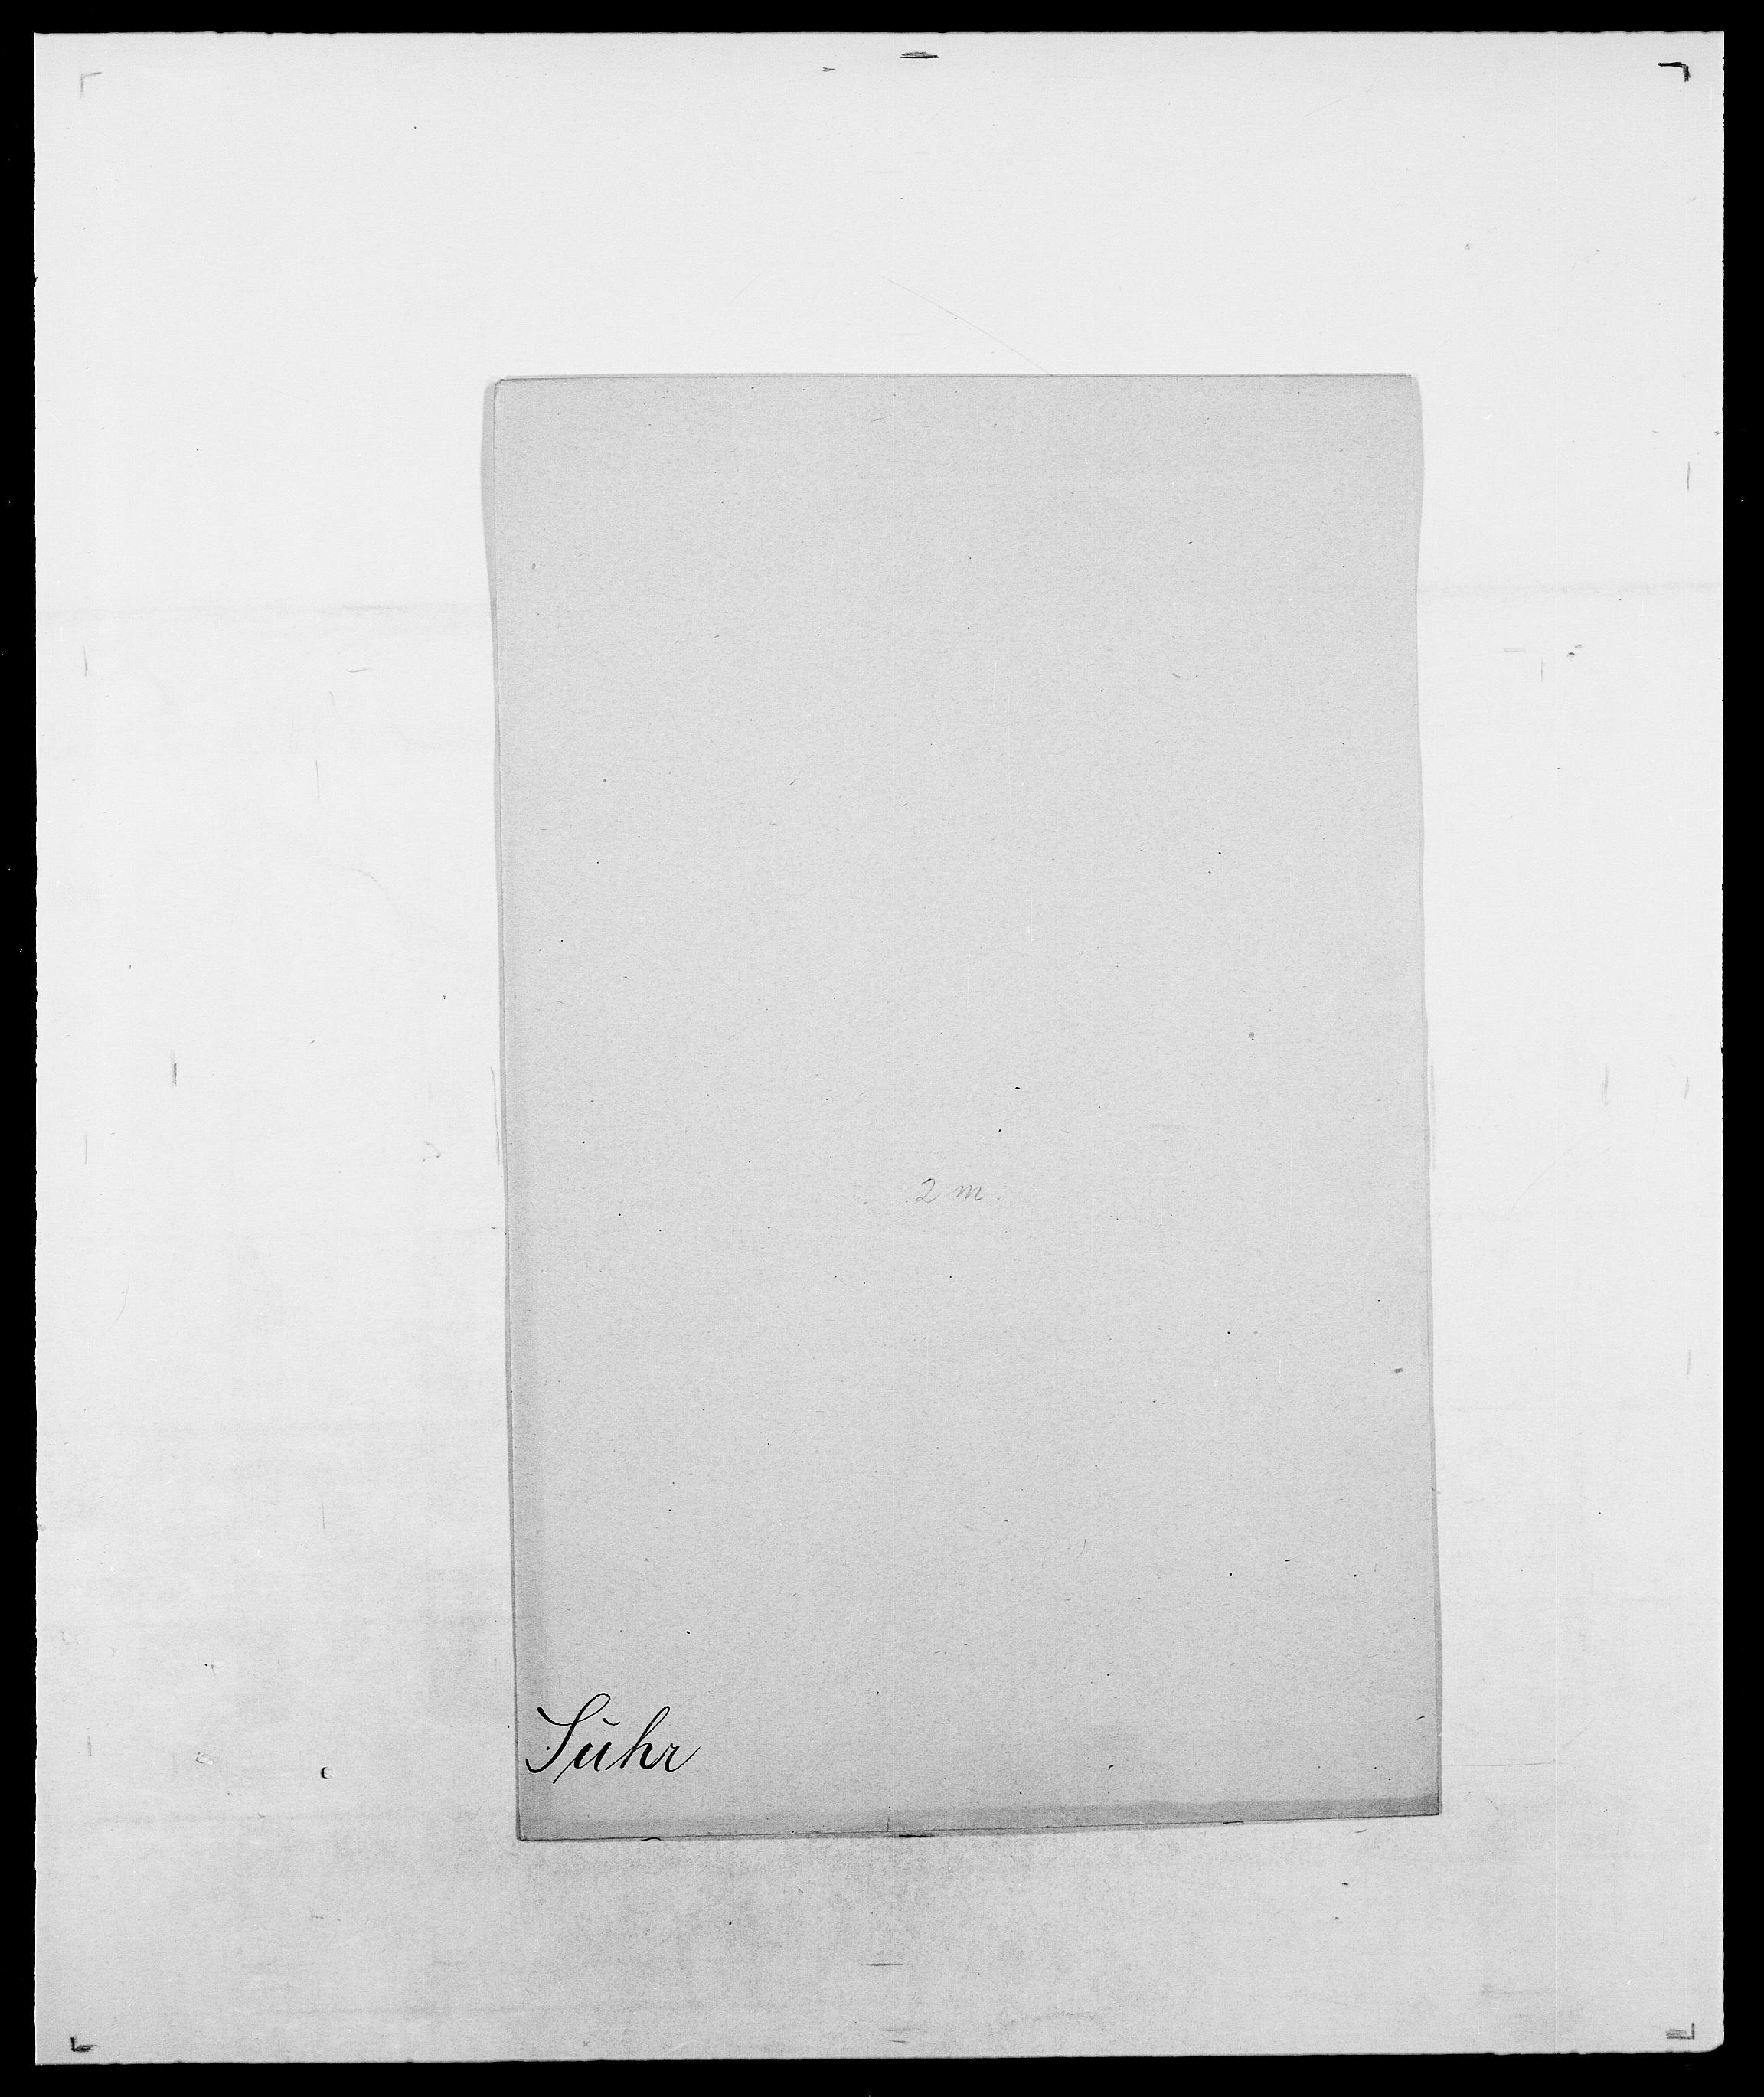 SAO, Delgobe, Charles Antoine - samling, D/Da/L0037: Steen, Sthen, Stein - Svare, Svanige, Svanne, se også Svanning og Schwane, s. 891